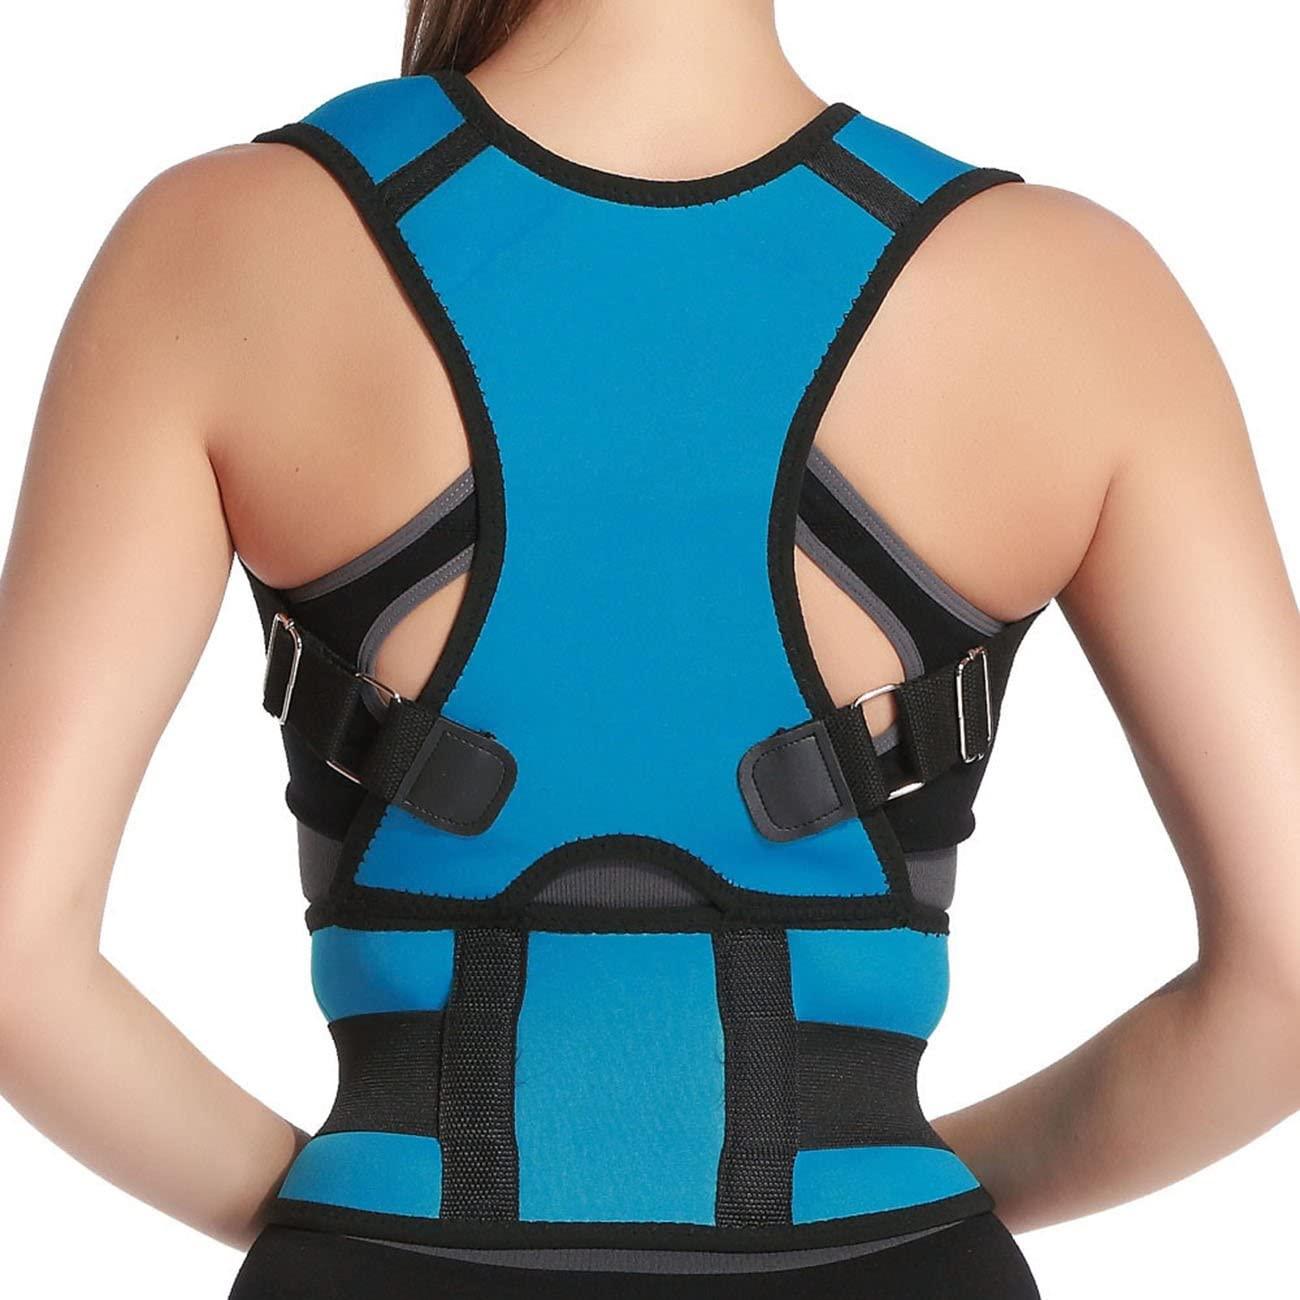 Panegy Belly Sweat Belt Posture Brace Shoulder Back Support Back Posture Corrector Men Shoulder PostureTherapy Adjustable Posture Back Shoulder Corrector Support Brace Belt Size XXL Light Blue